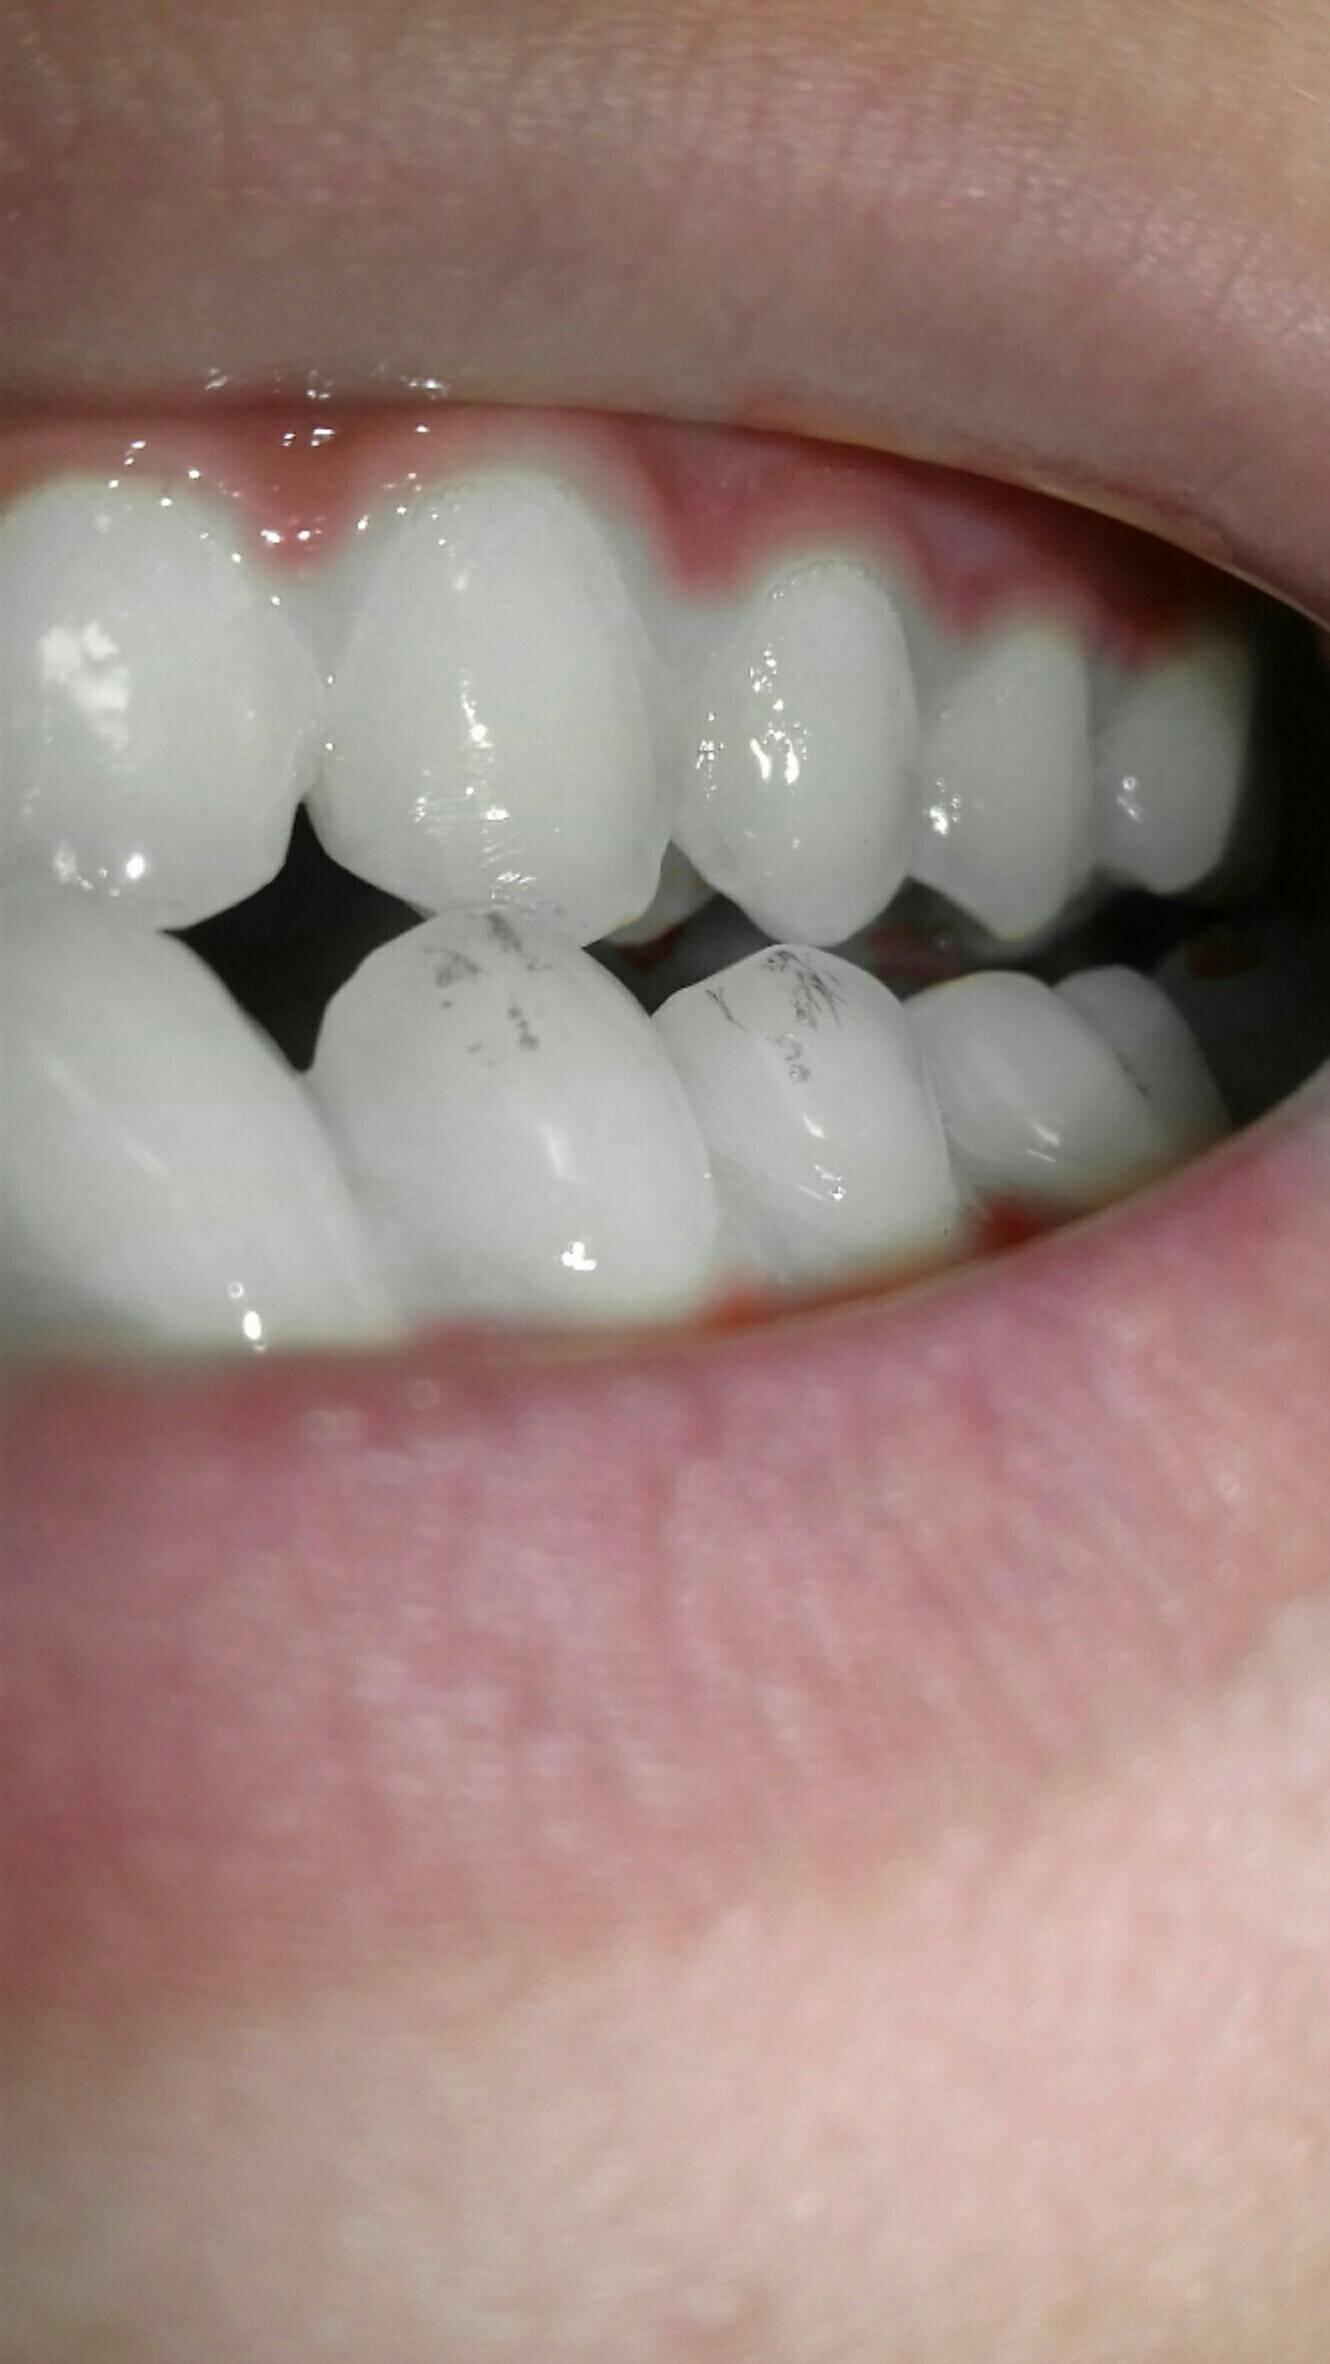 Желтые пятна на зубах у ребенка: фото, причины, как убрать?